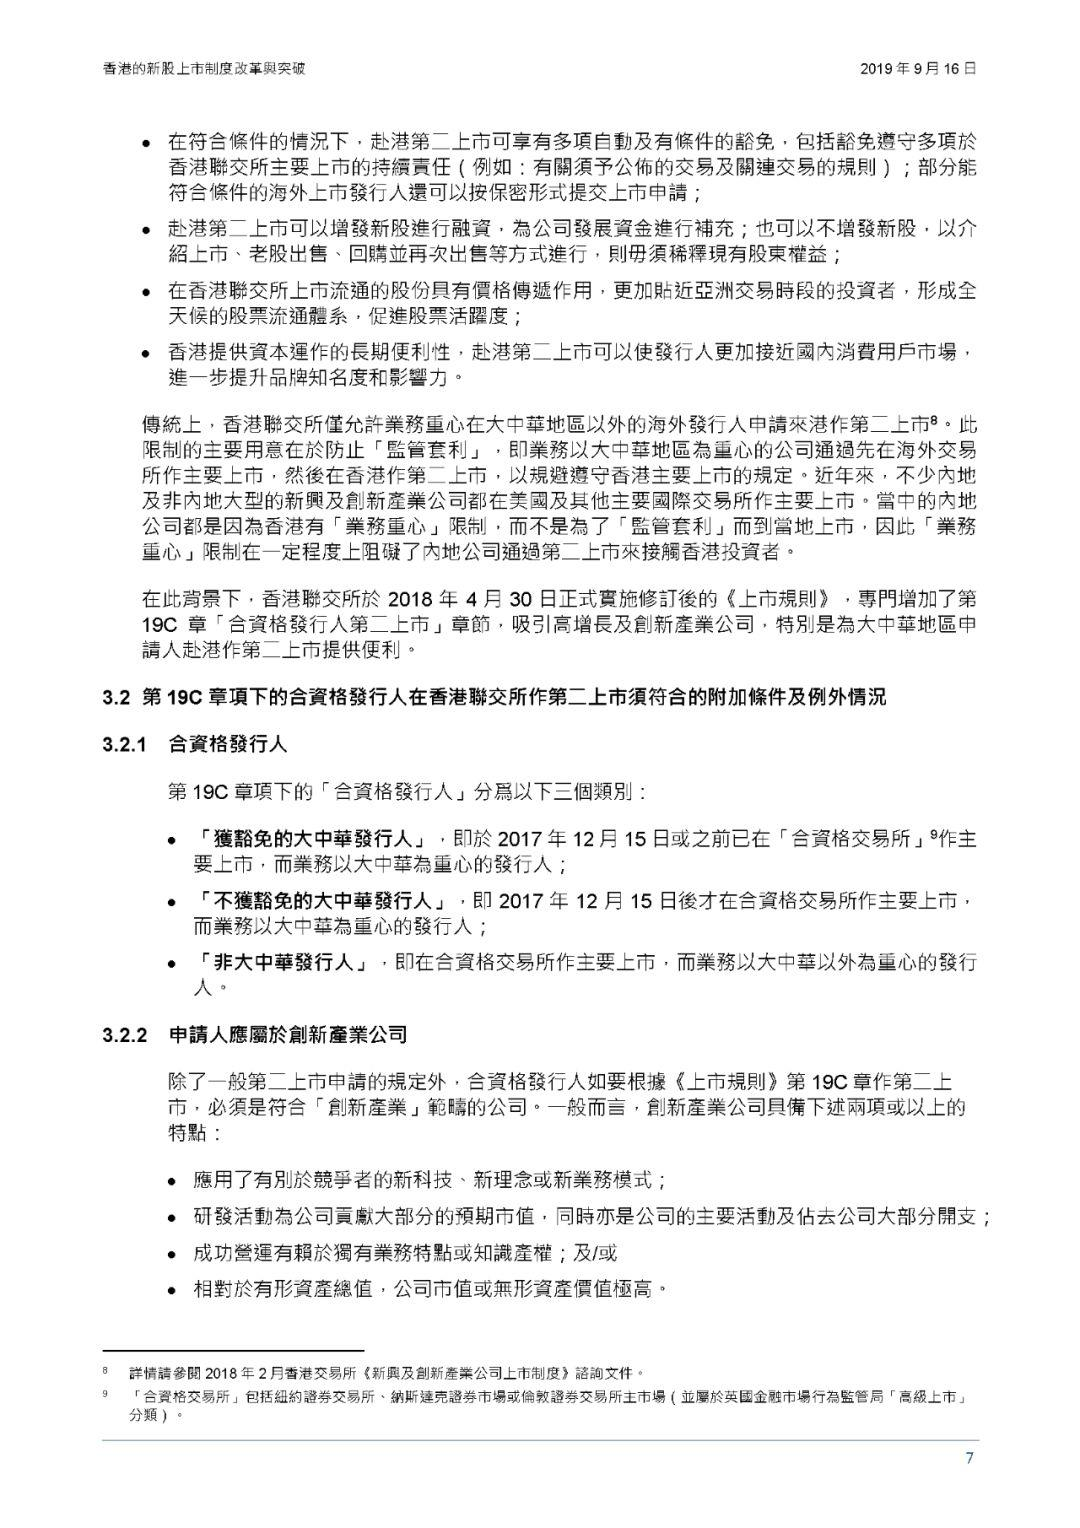 香港交易所研究报告:香港的新股上市制度改革与突破